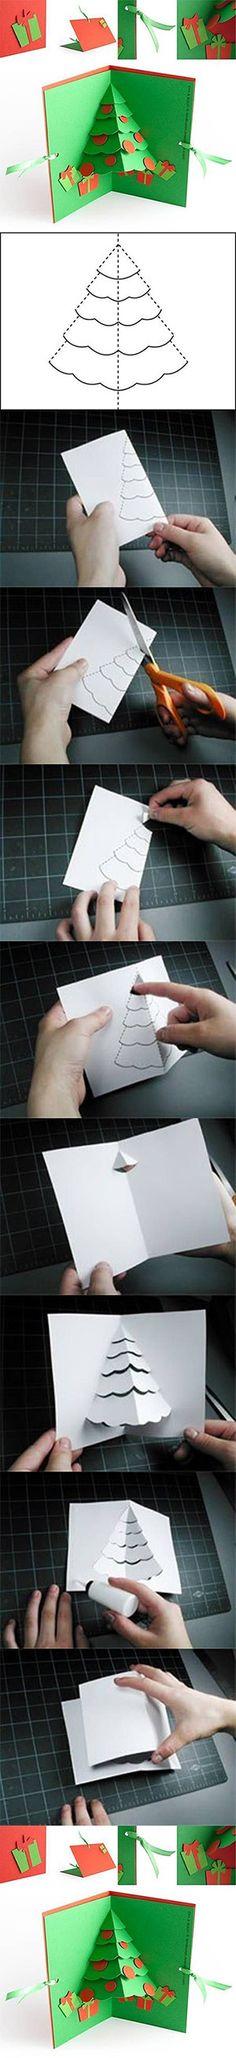 Как сделать объемную новогоднюю/рождественскую открытку своими руками?